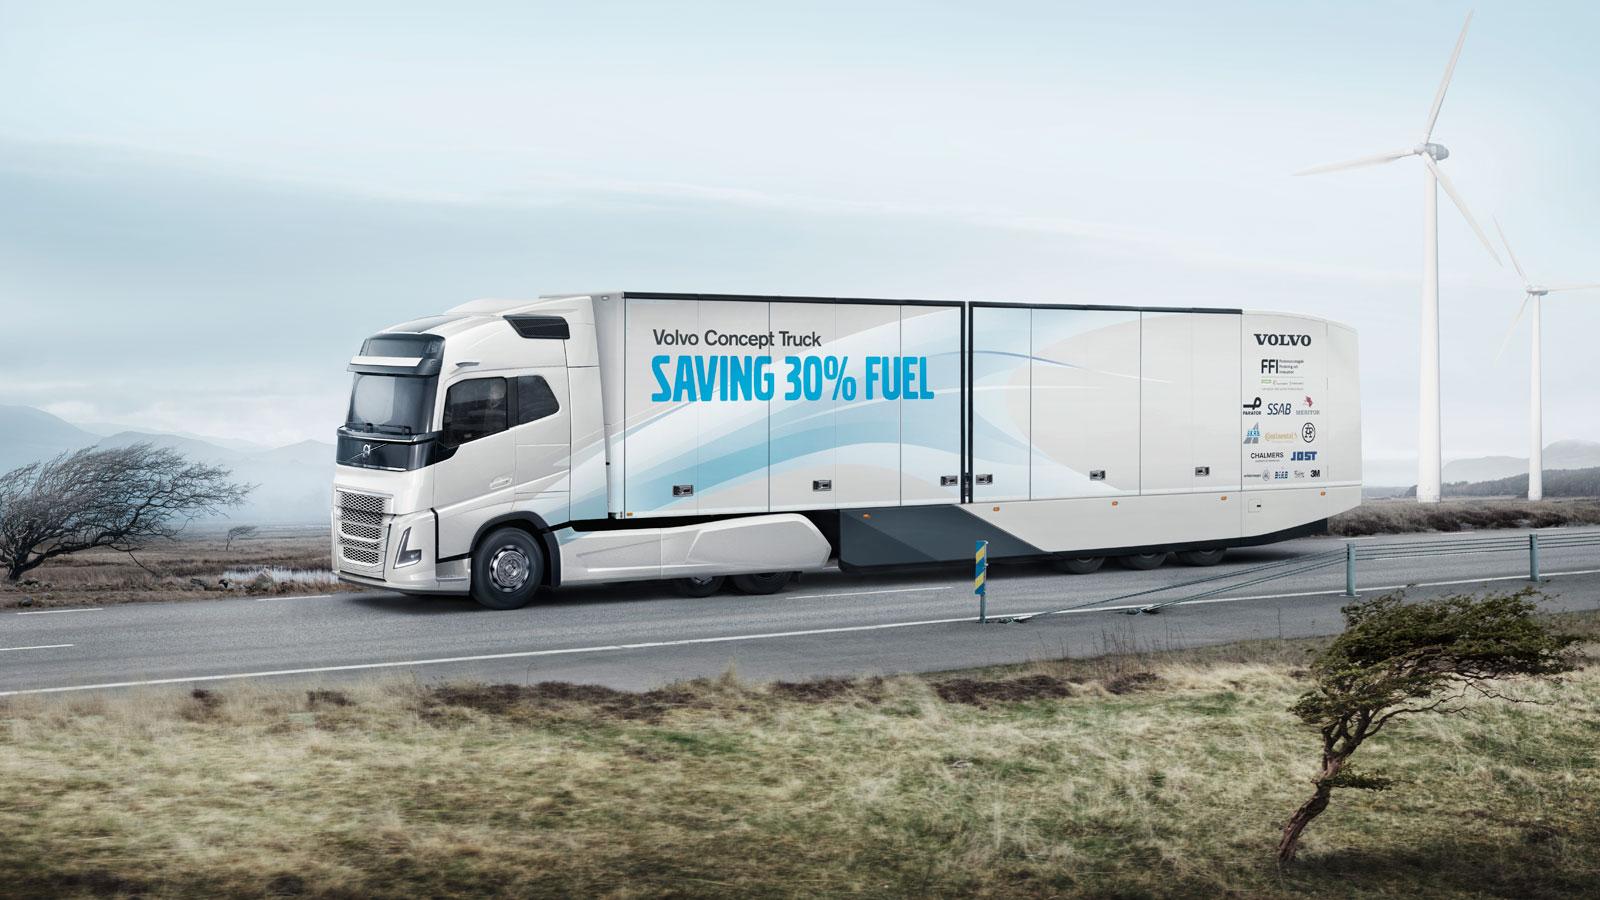 Volvo Concept Truck Car Body Design